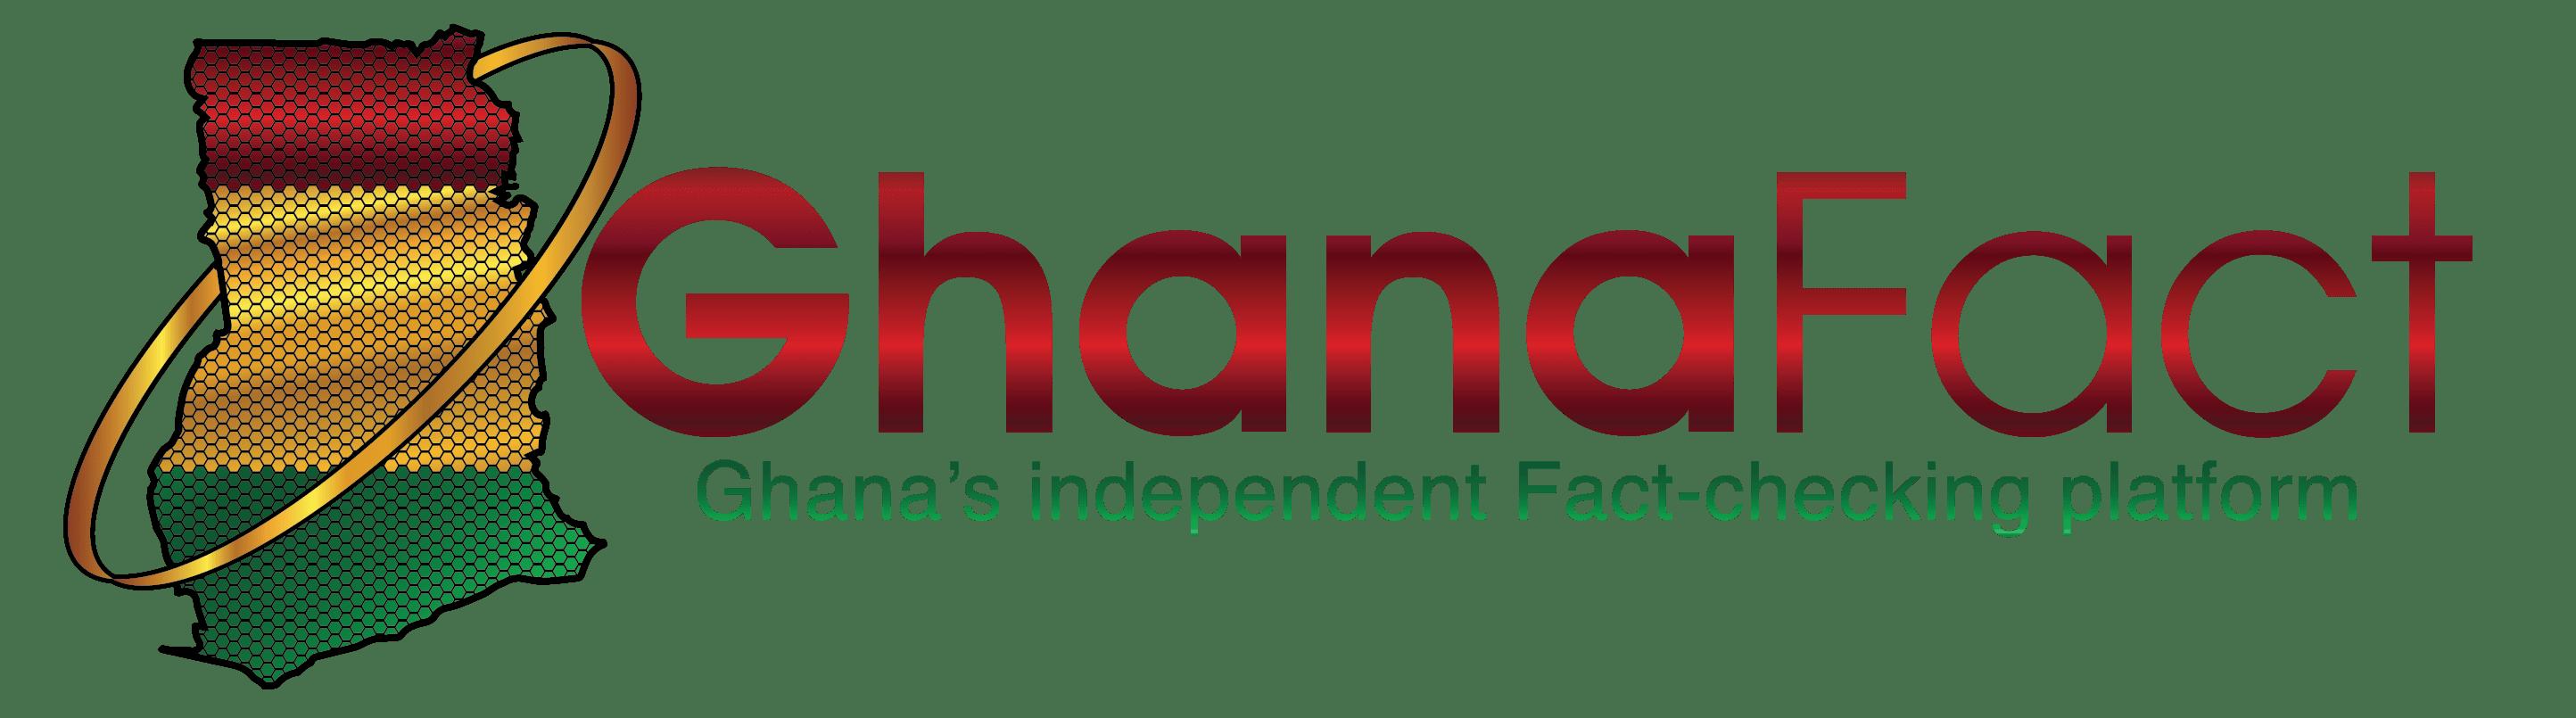 ghana_fact_logo-01-01